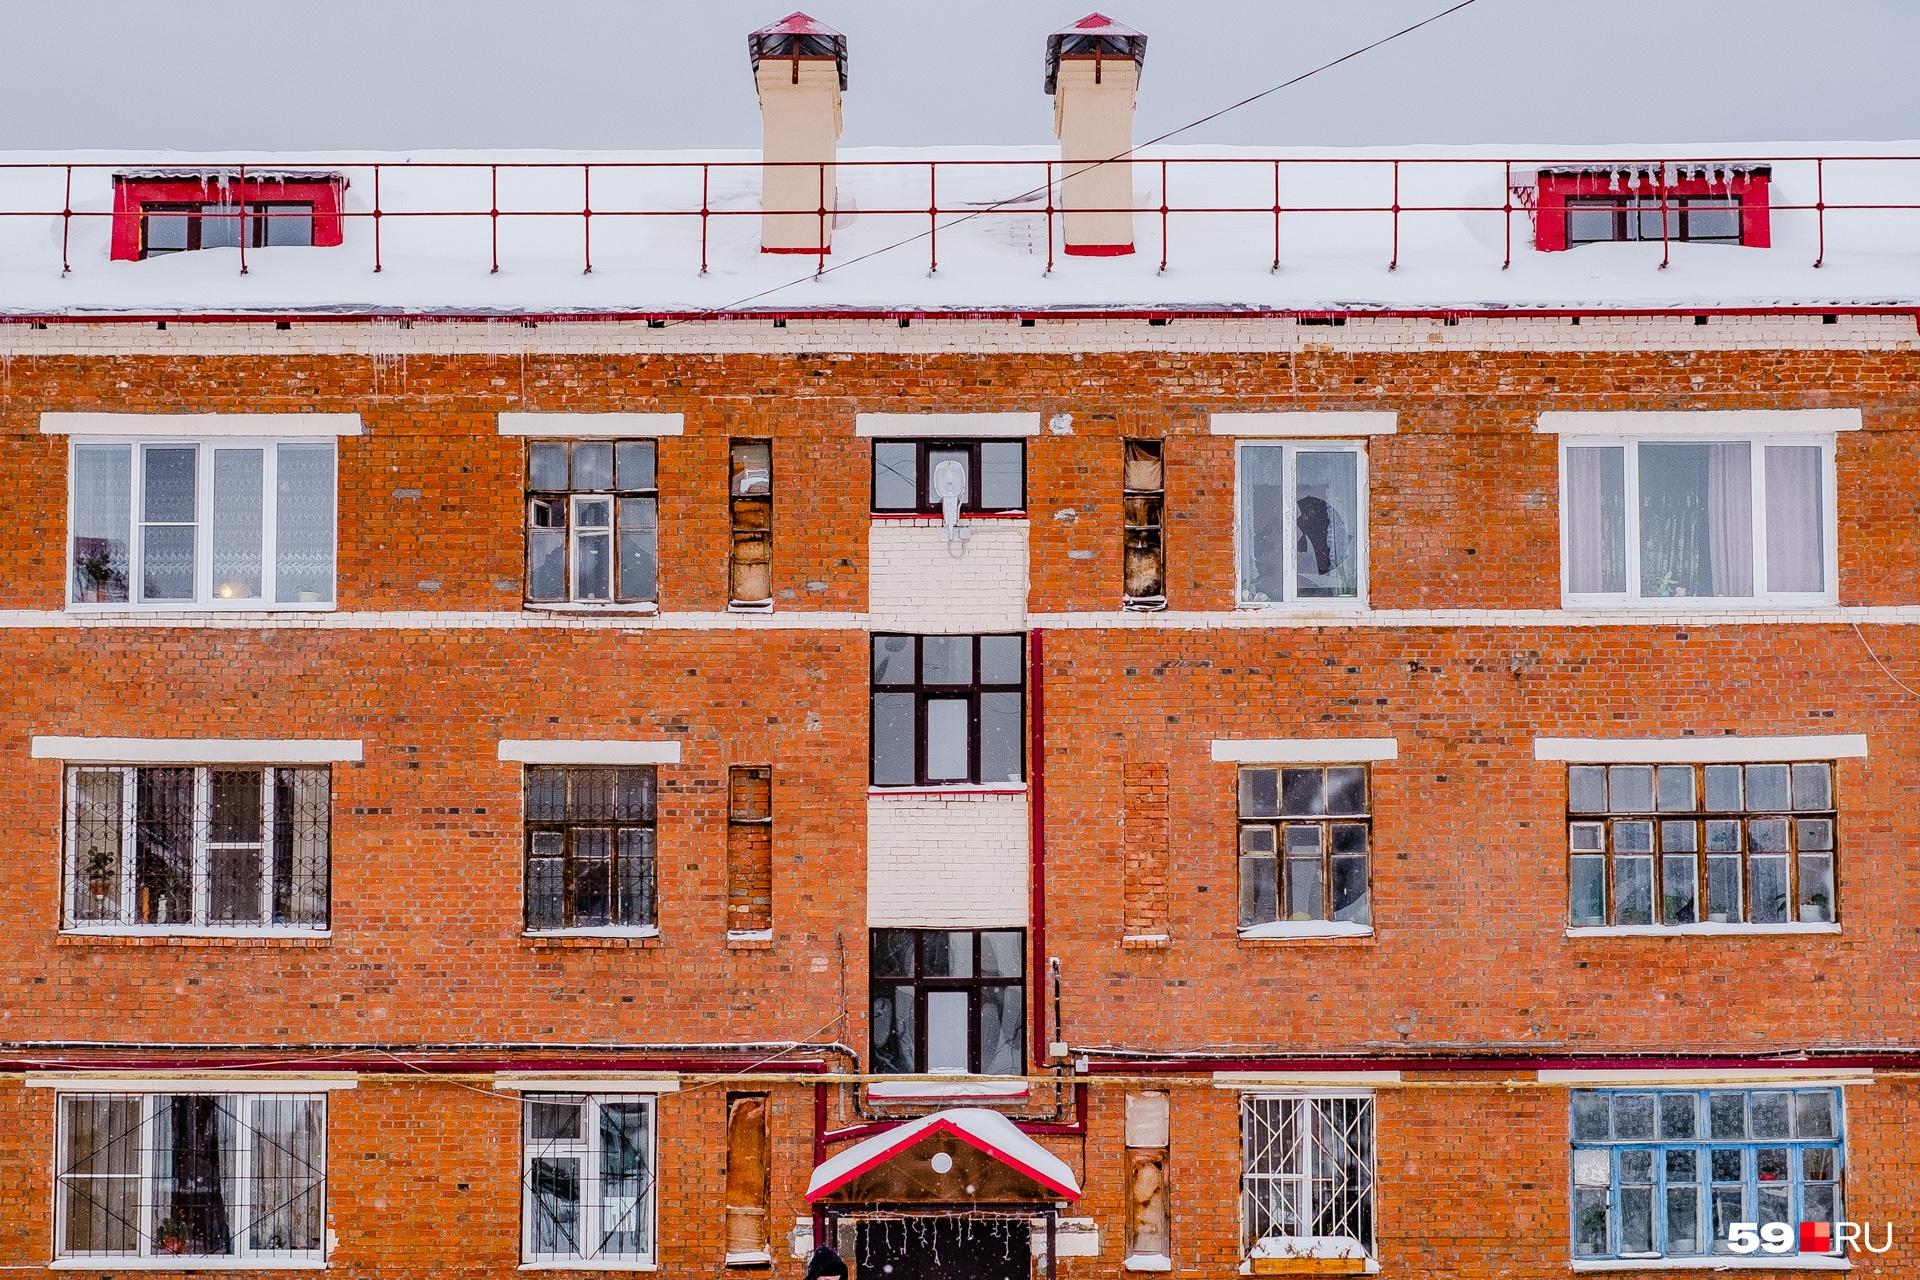 Еще один дом на Циолковского, 11. Ремонтники выделили чердачные надстройки и козырек над входом красным цветом